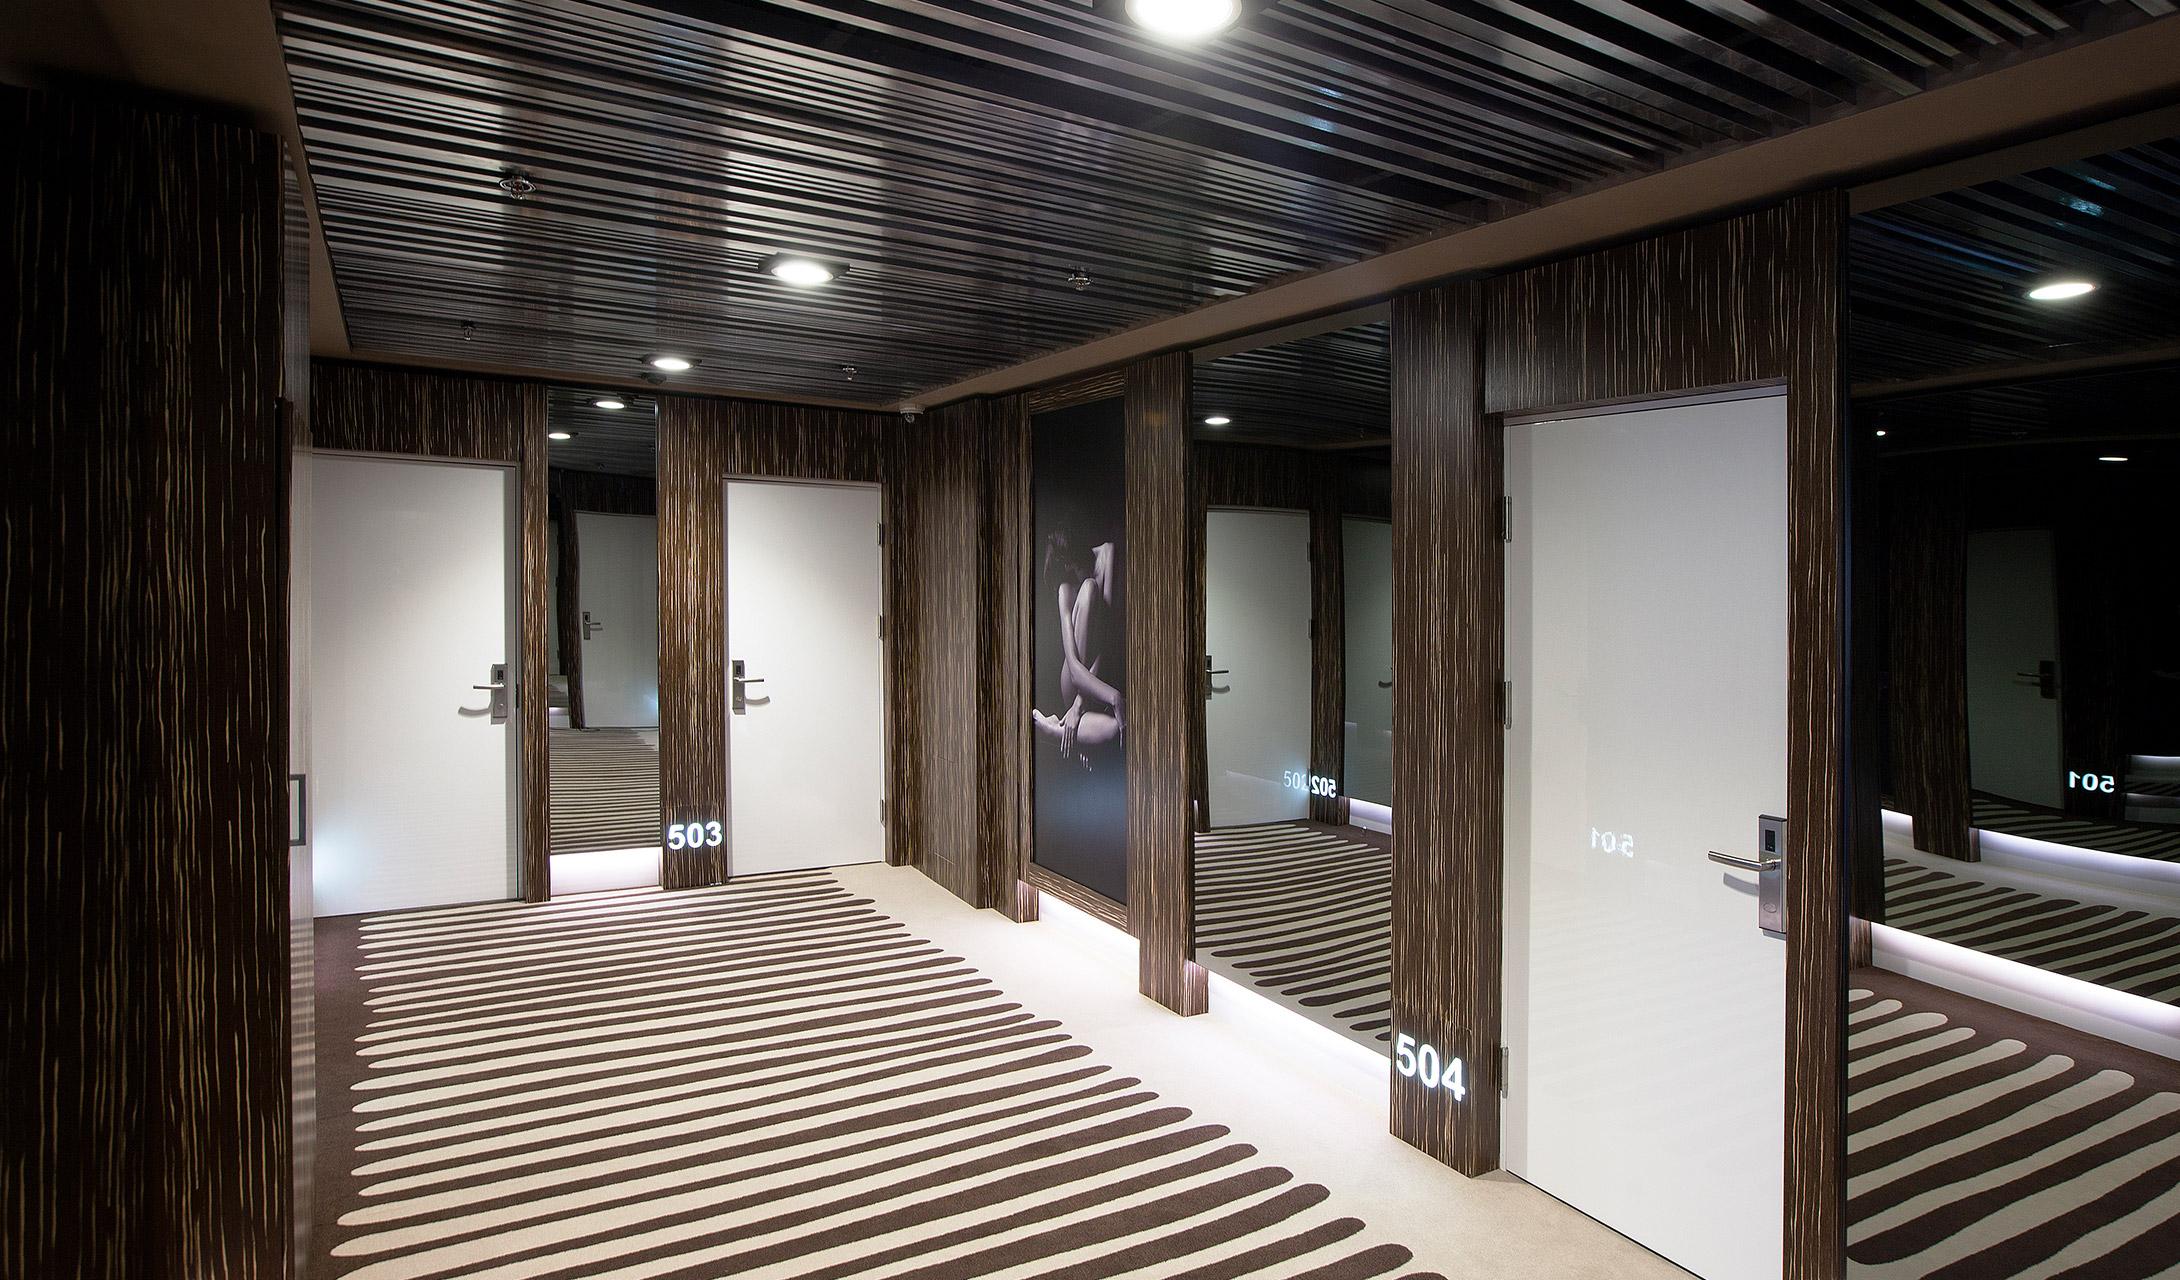 11-miroirs-couloir-design-interieur-m-03-r